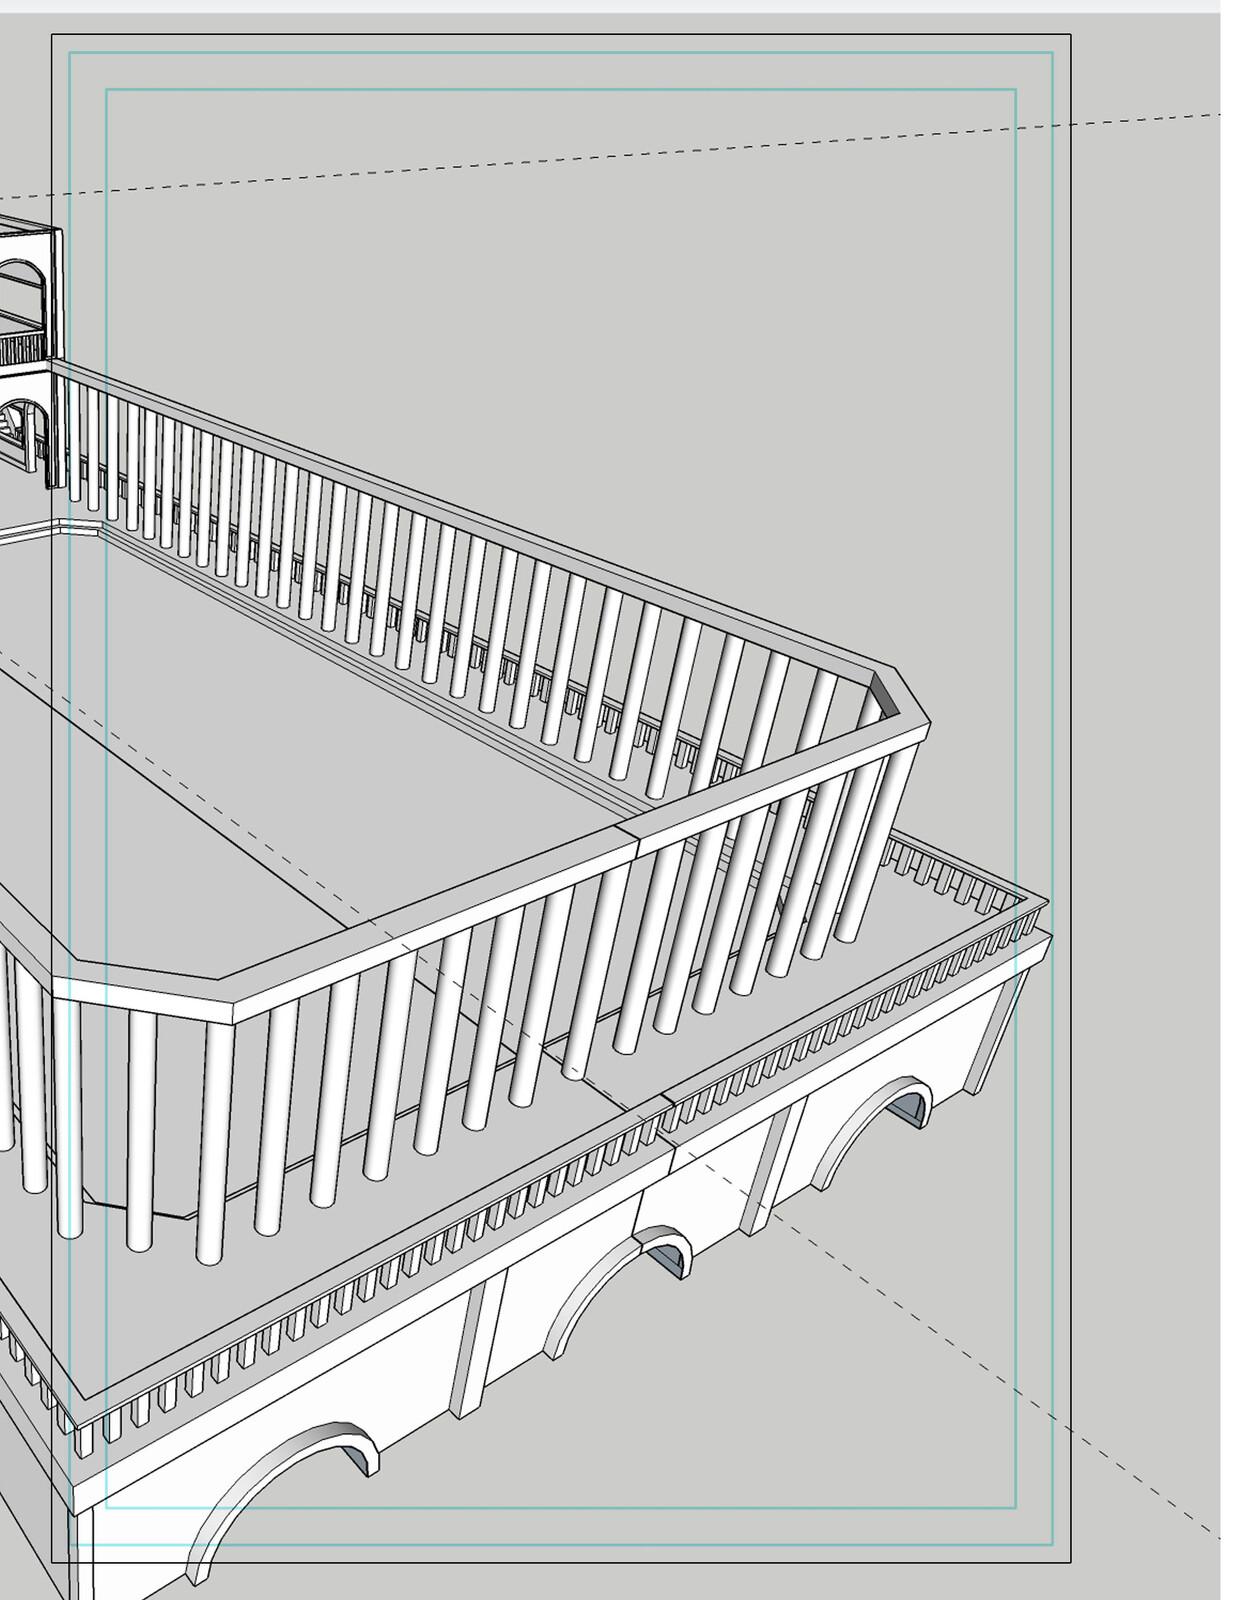 SketchUp Model - Page 5